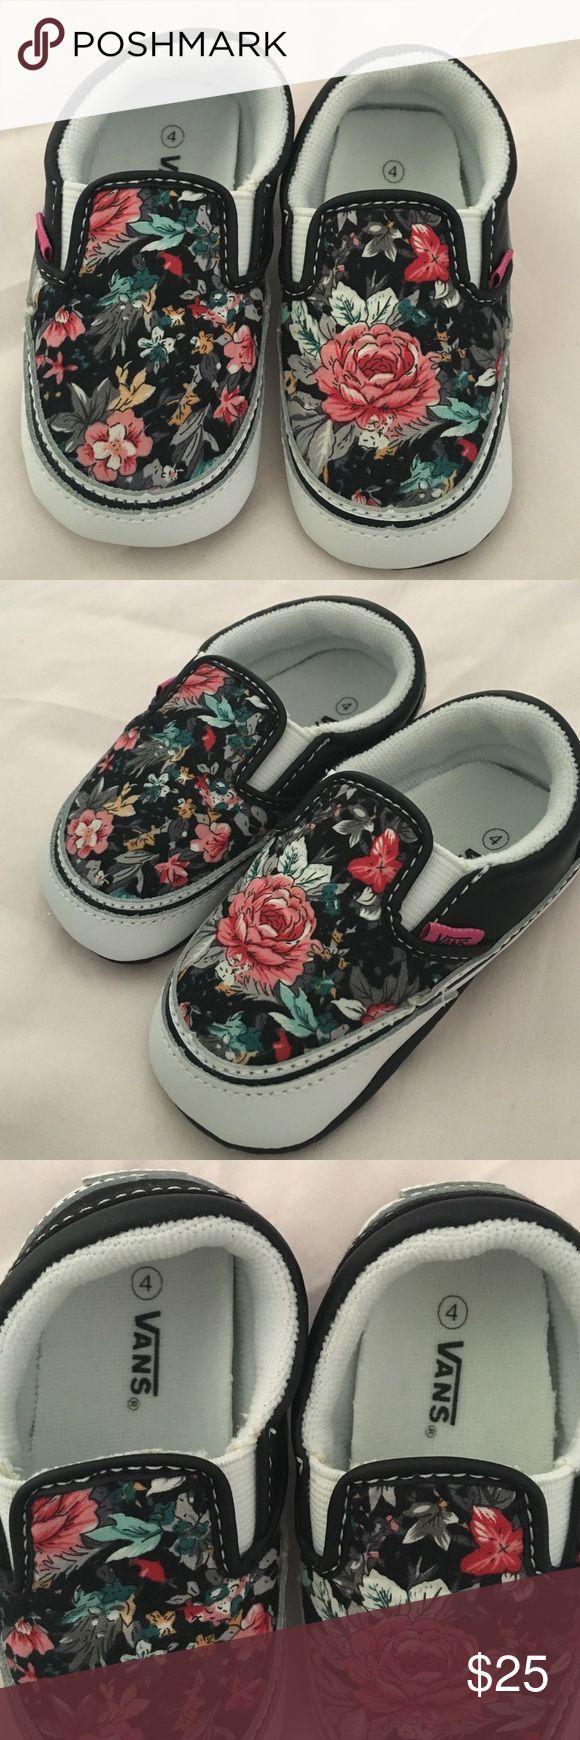 Infant girl floral Vans size 4 Floral slip on infant girl Vans size 4 Vans Shoes Baby & Walker